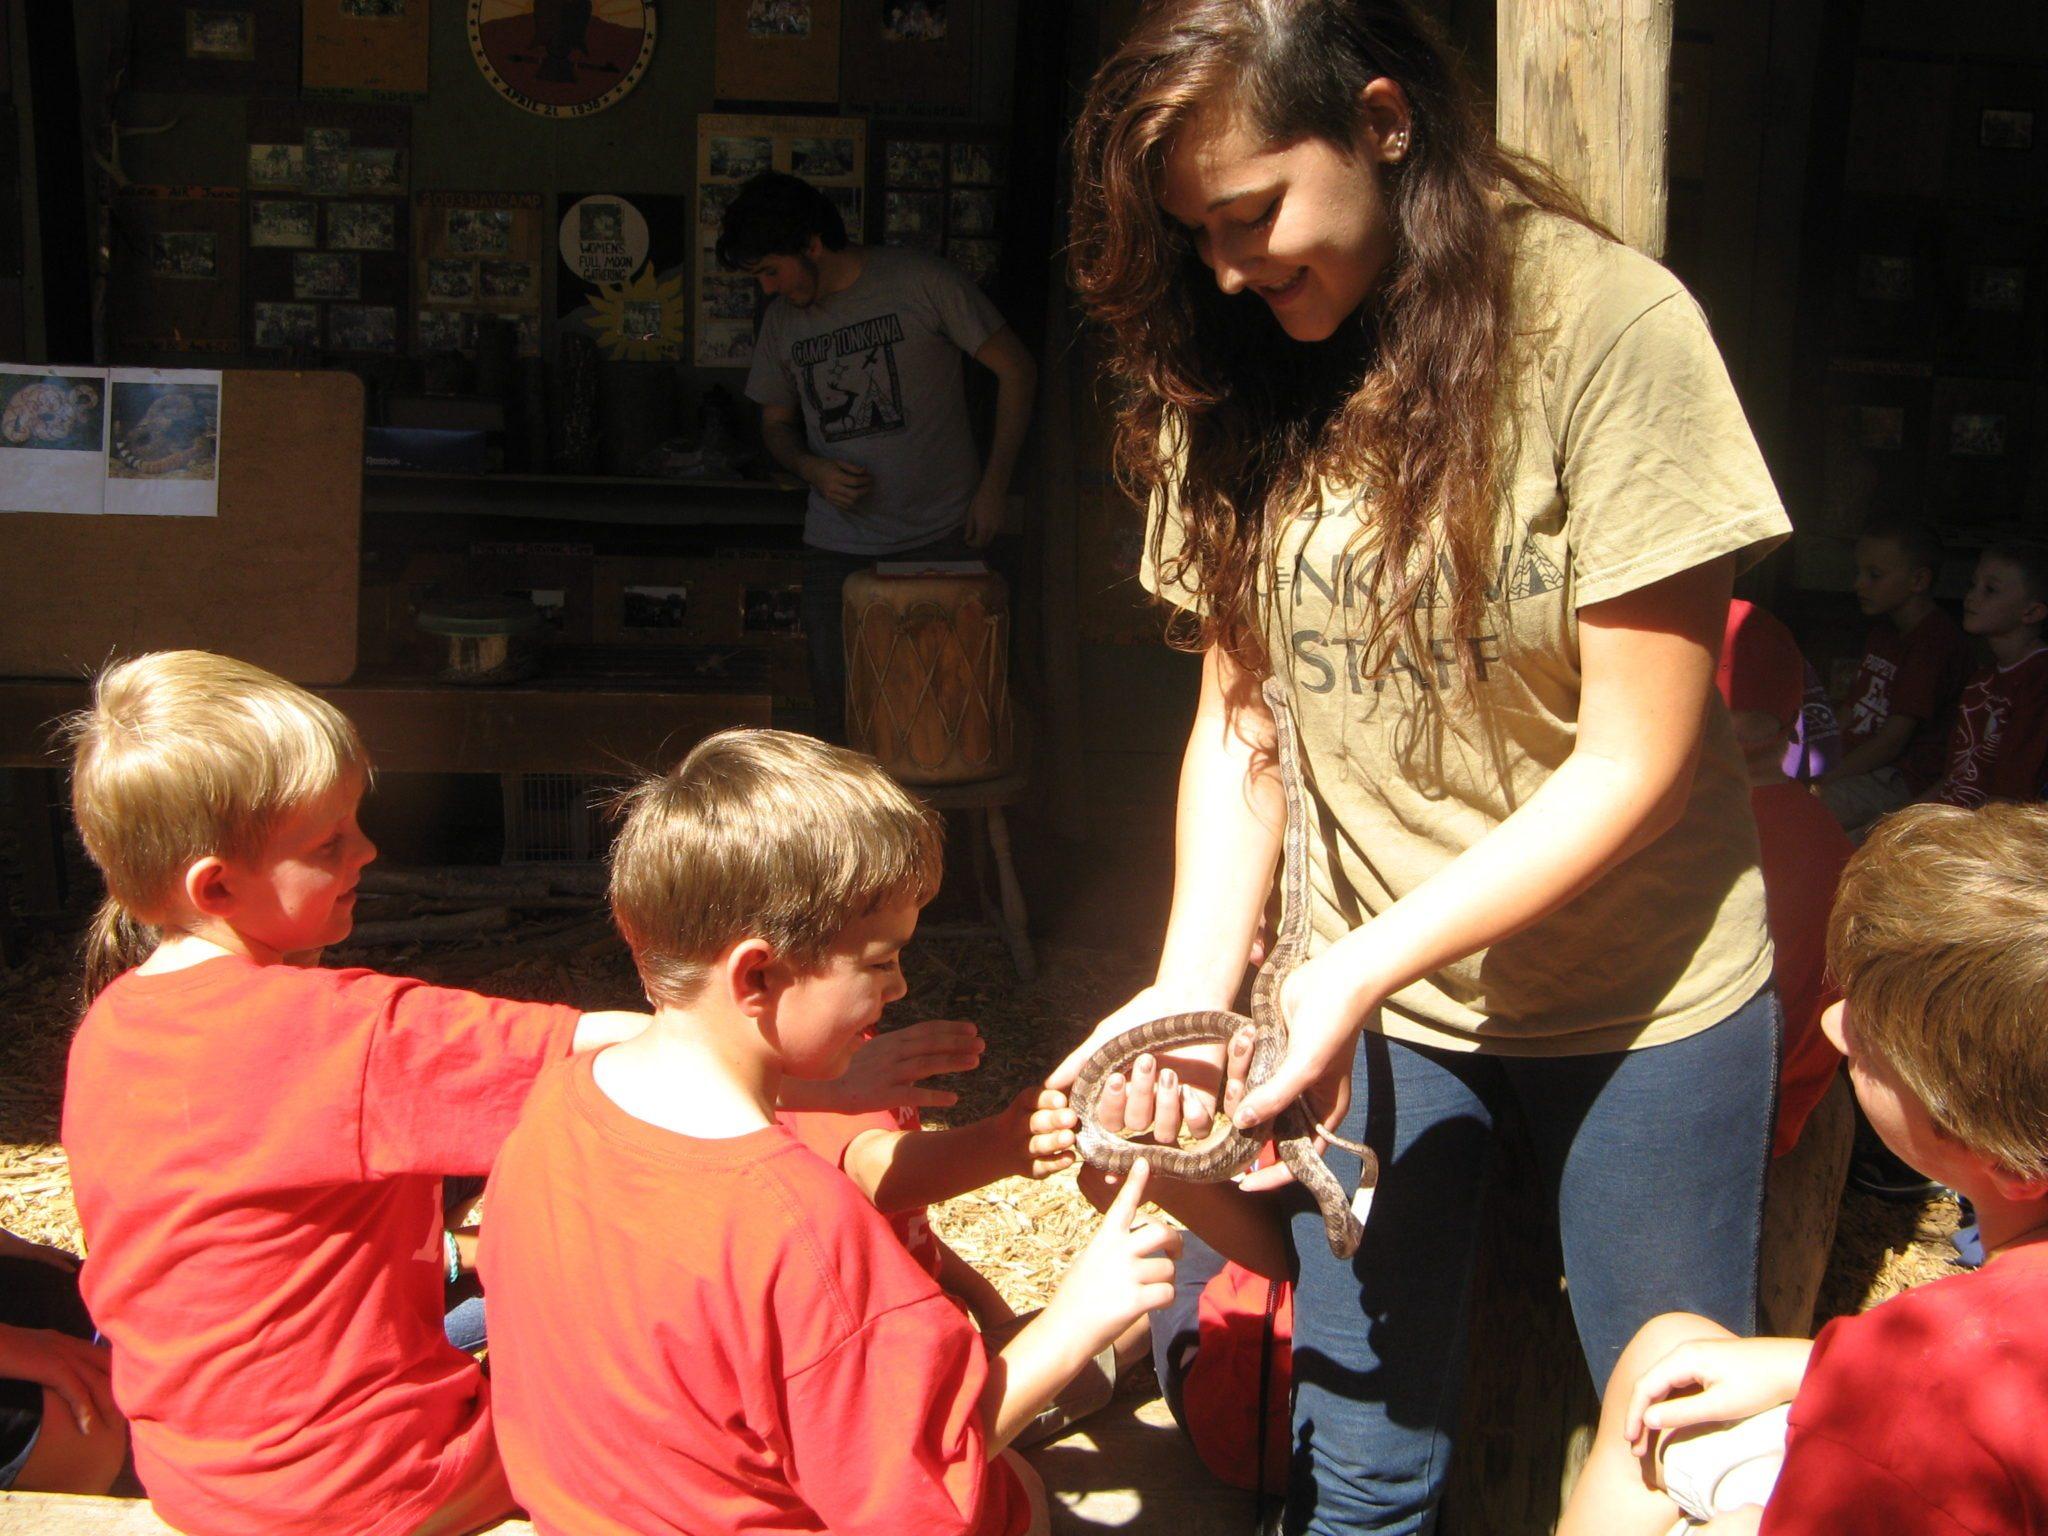 Sarah's pet snake